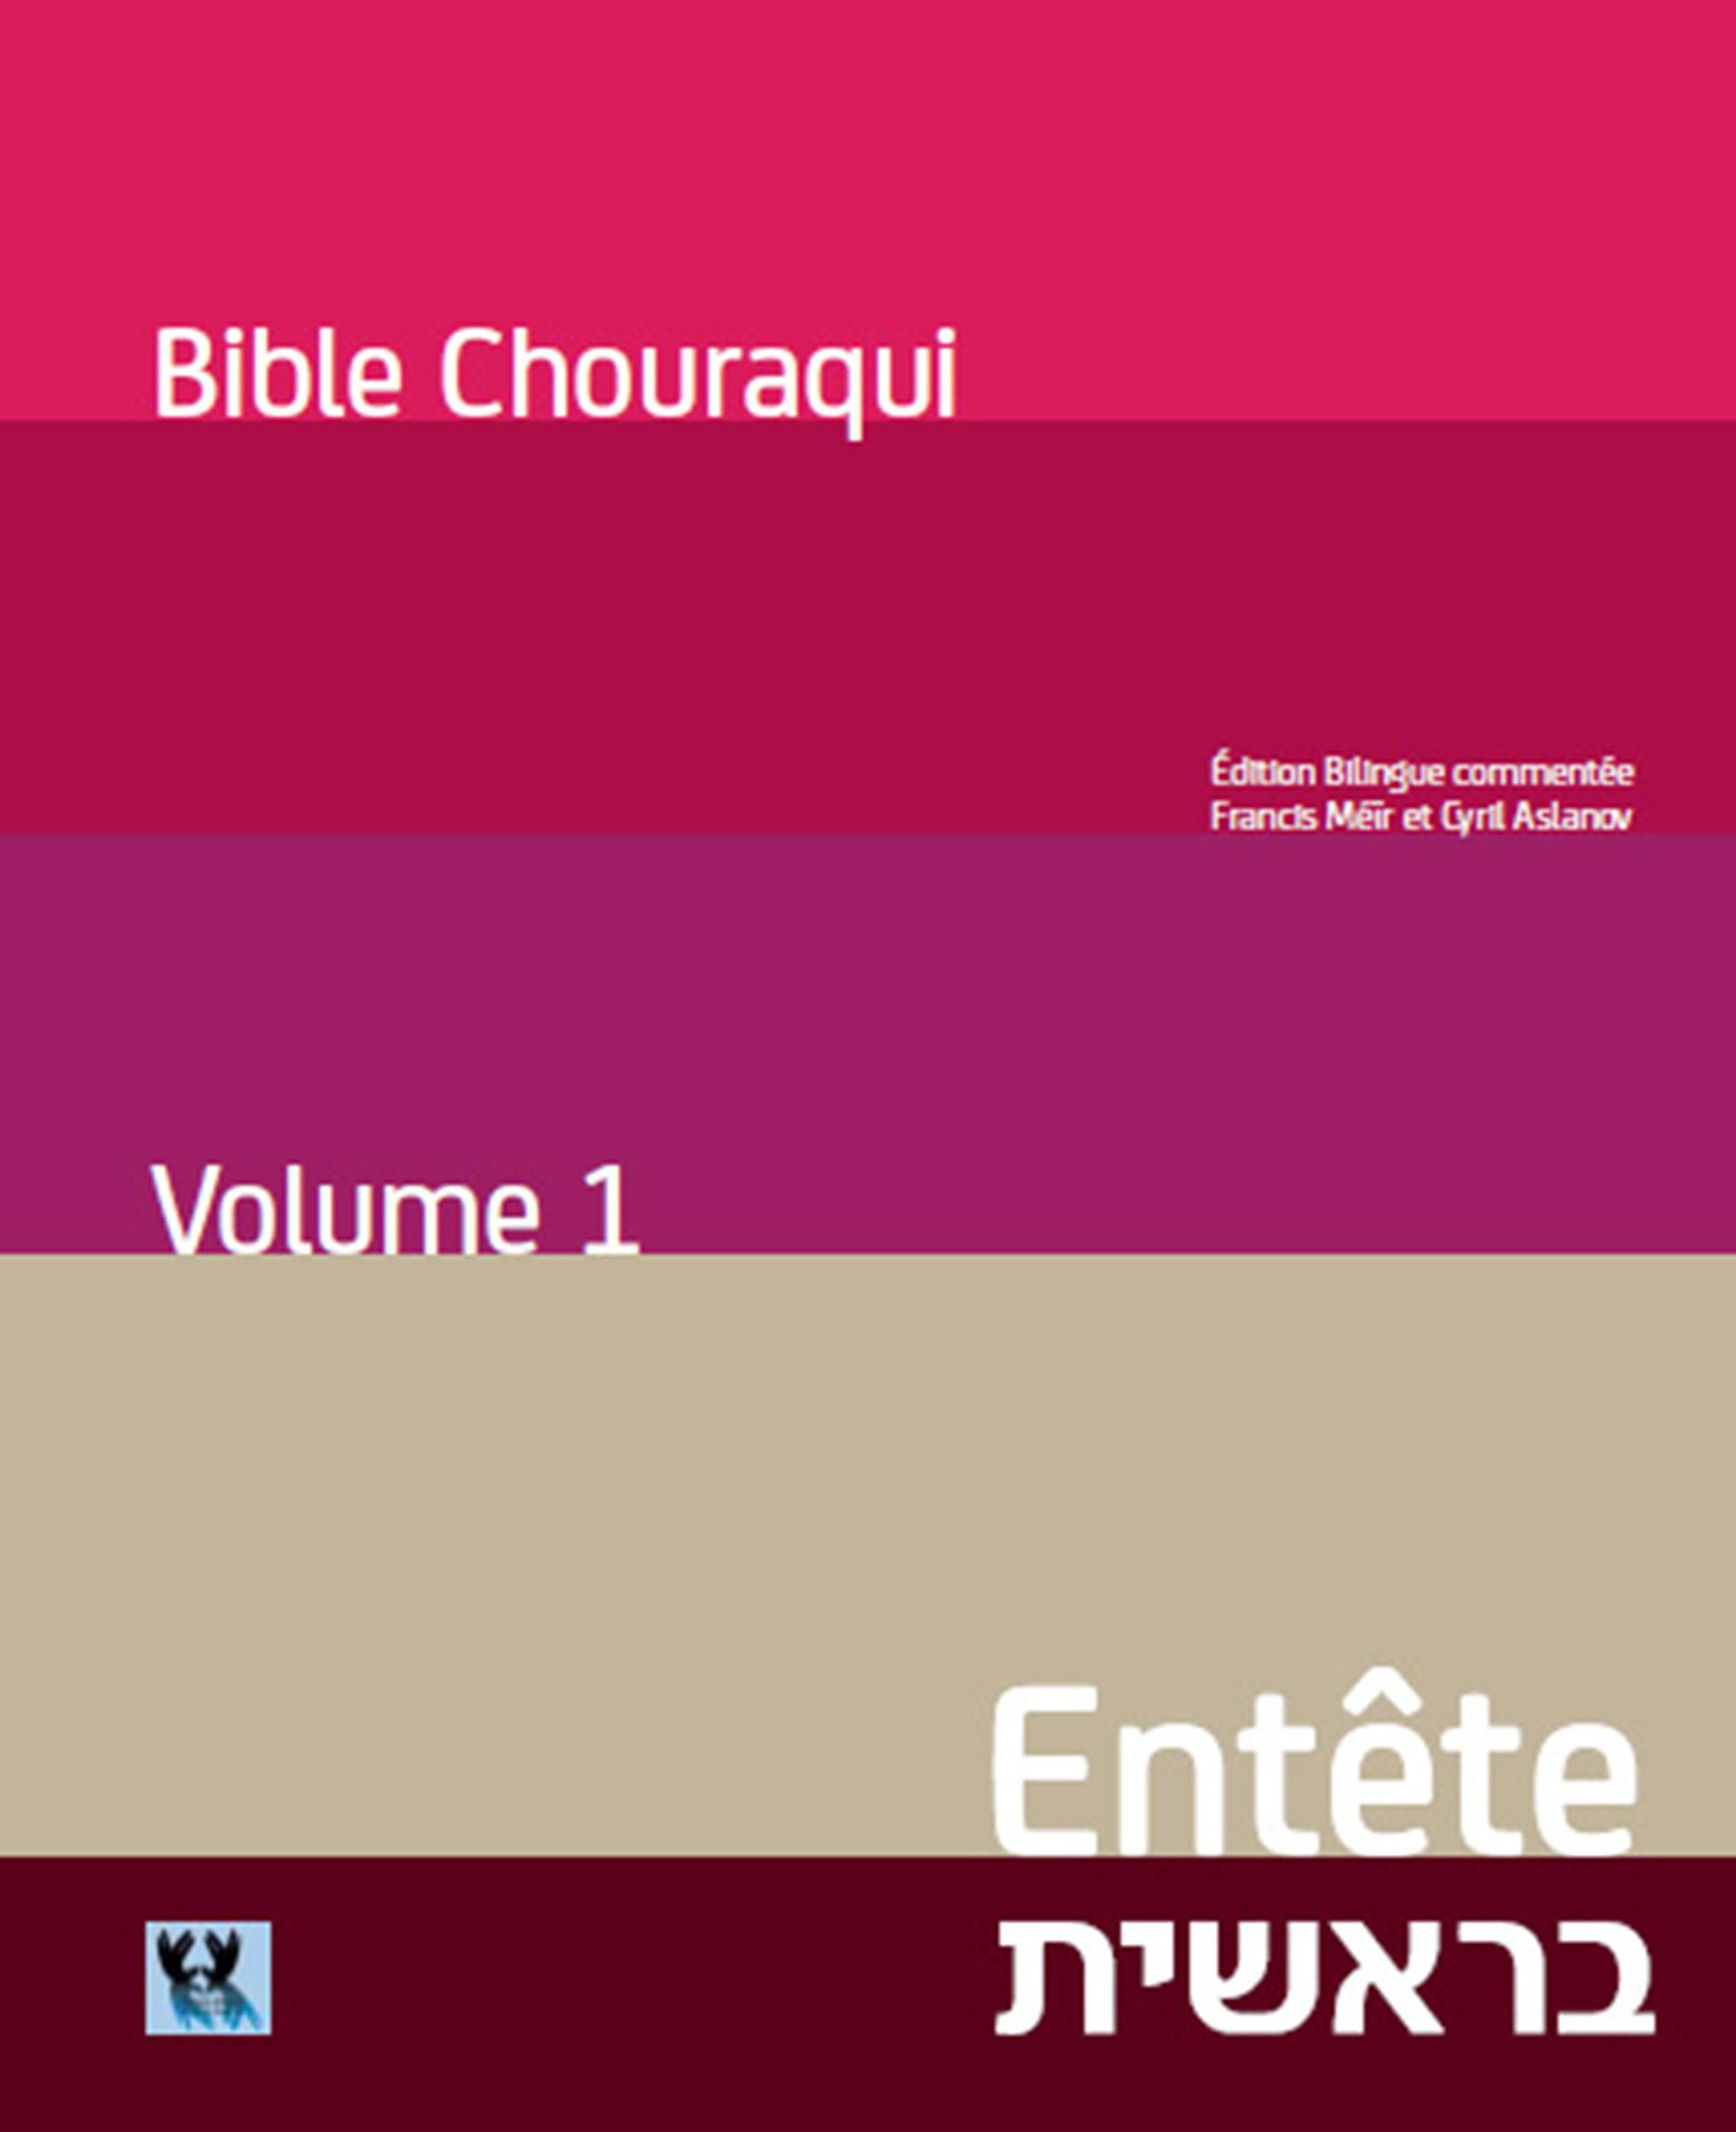 La nouvelle édition de la Bible Chouraqui